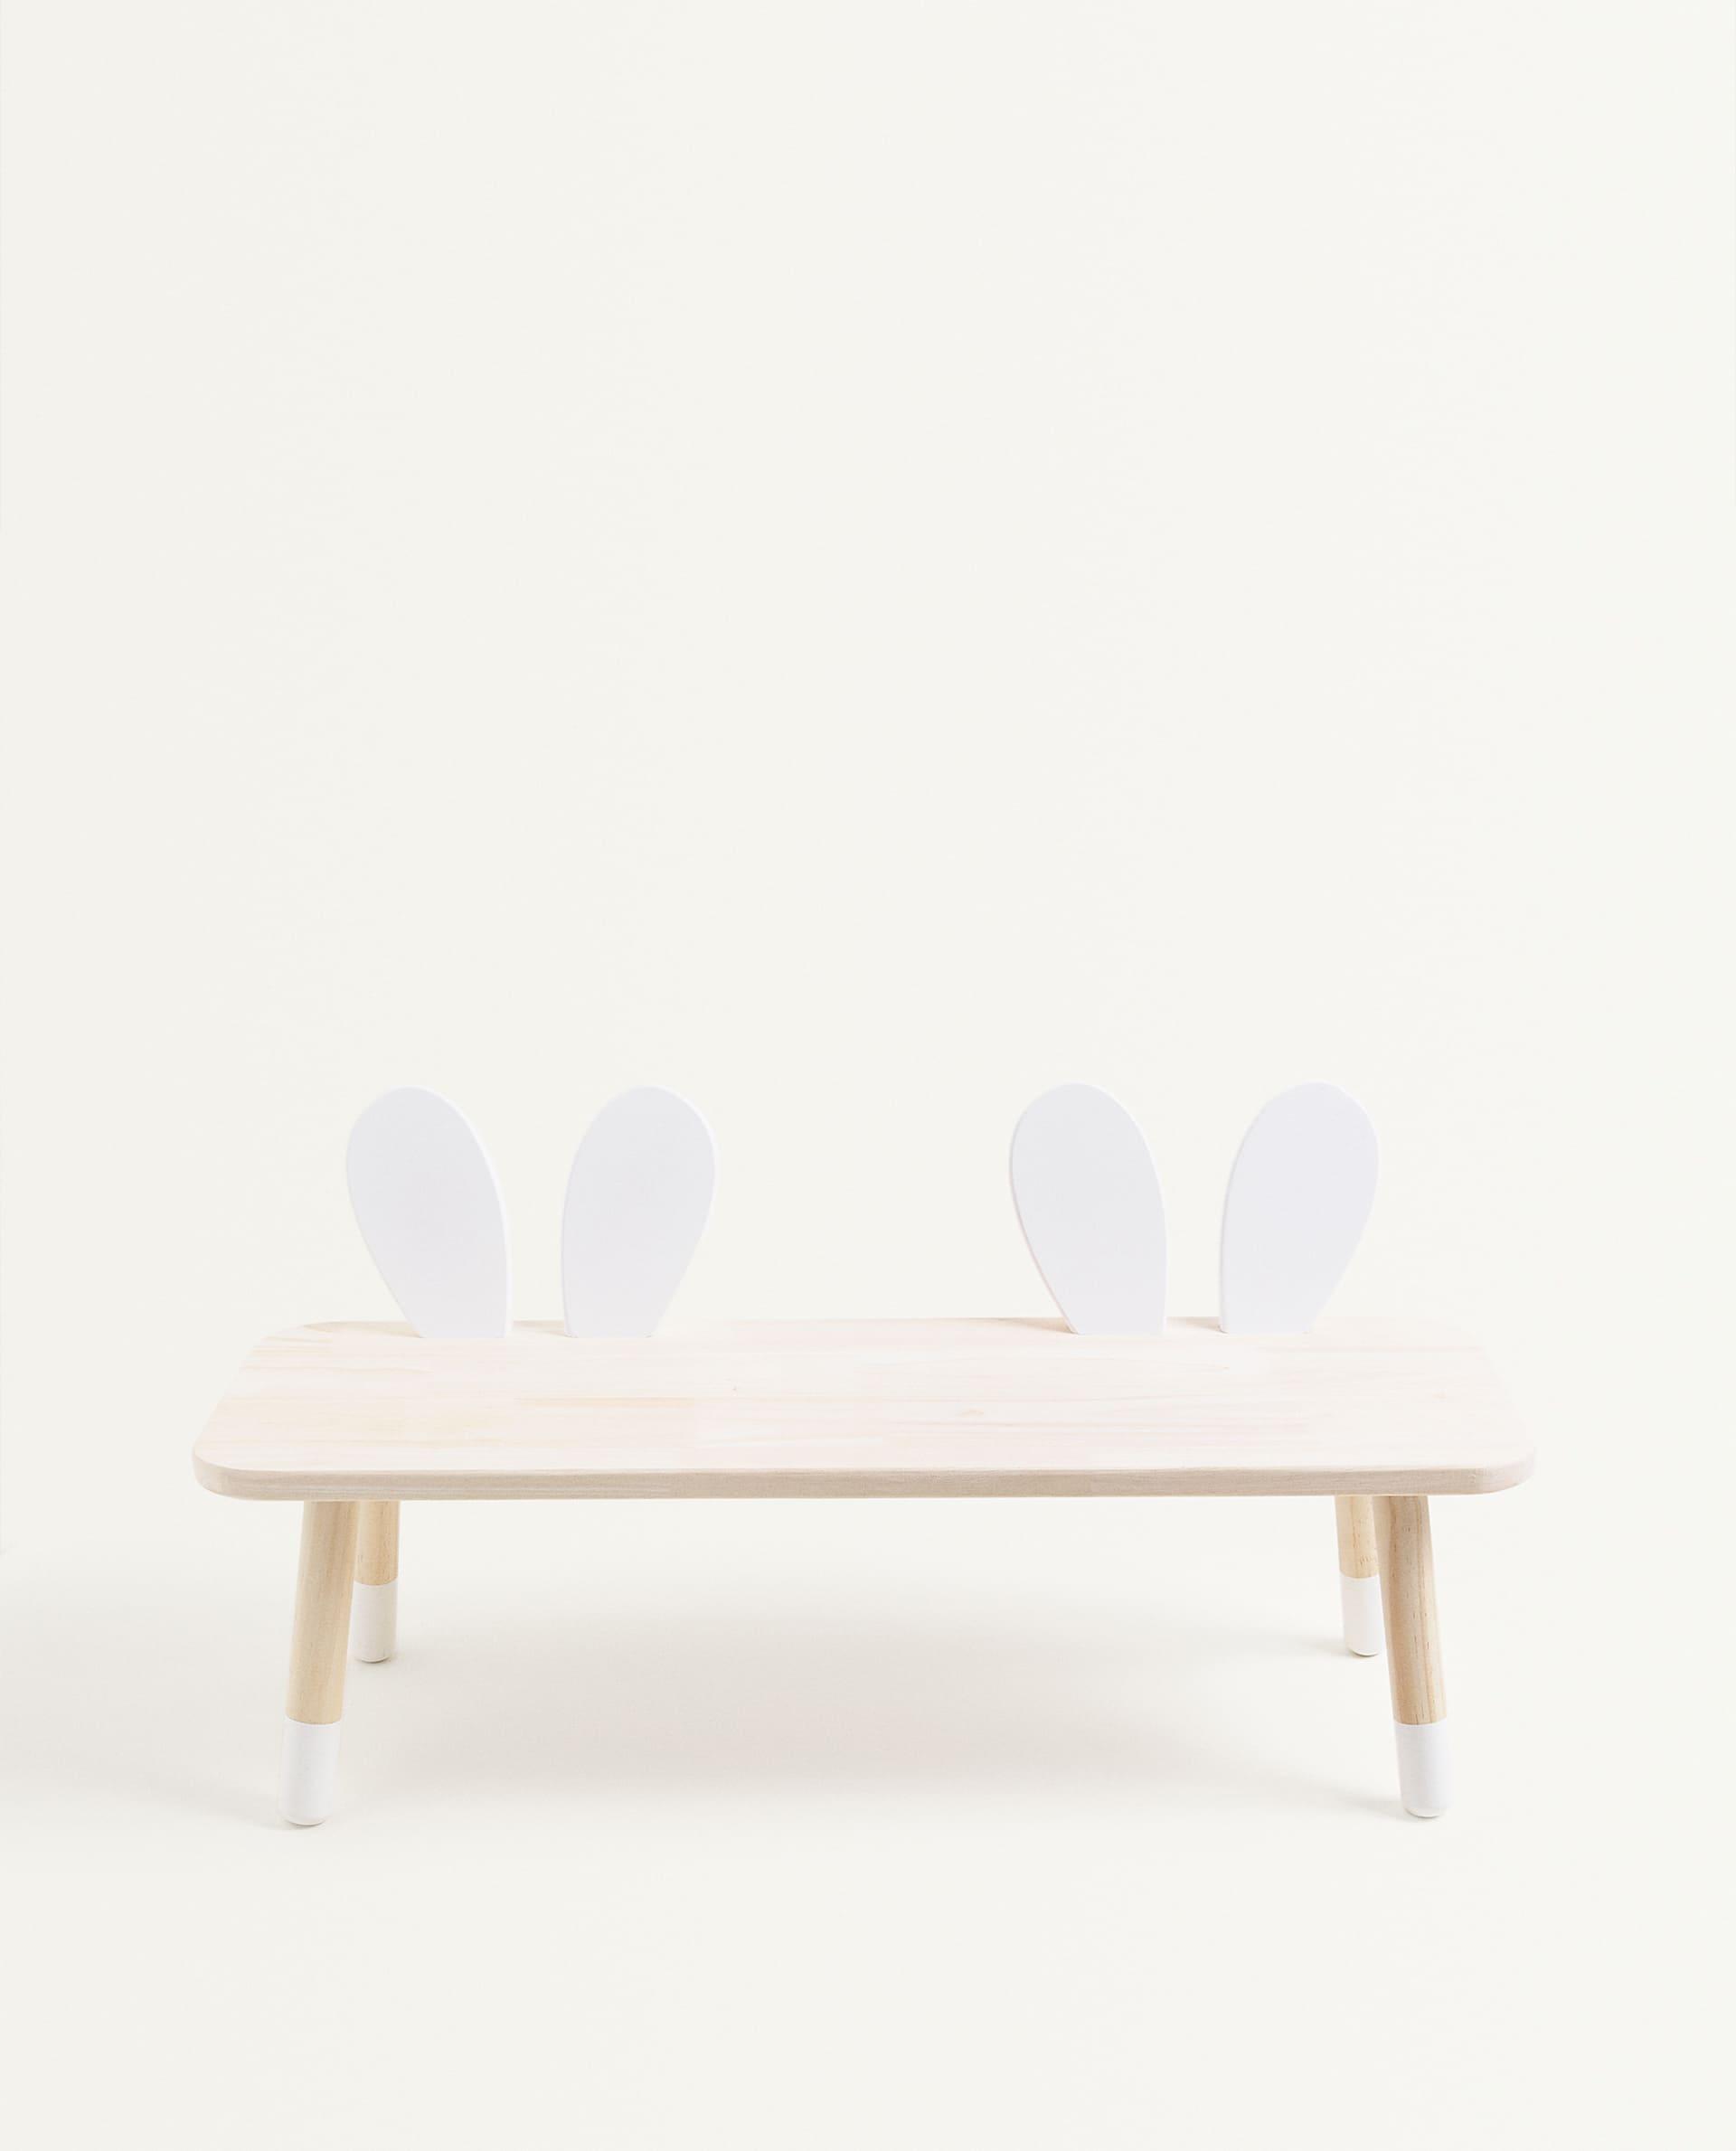 Full Size of Sitzbank Kids Mit Hasenohren Deko Accessoires Dekoration Komplettes Schlafzimmer Günstige Komplett Teppich Weiß Kommode Bett Lampen Fototapete Wandtattoo Schlafzimmer Sitzbank Schlafzimmer